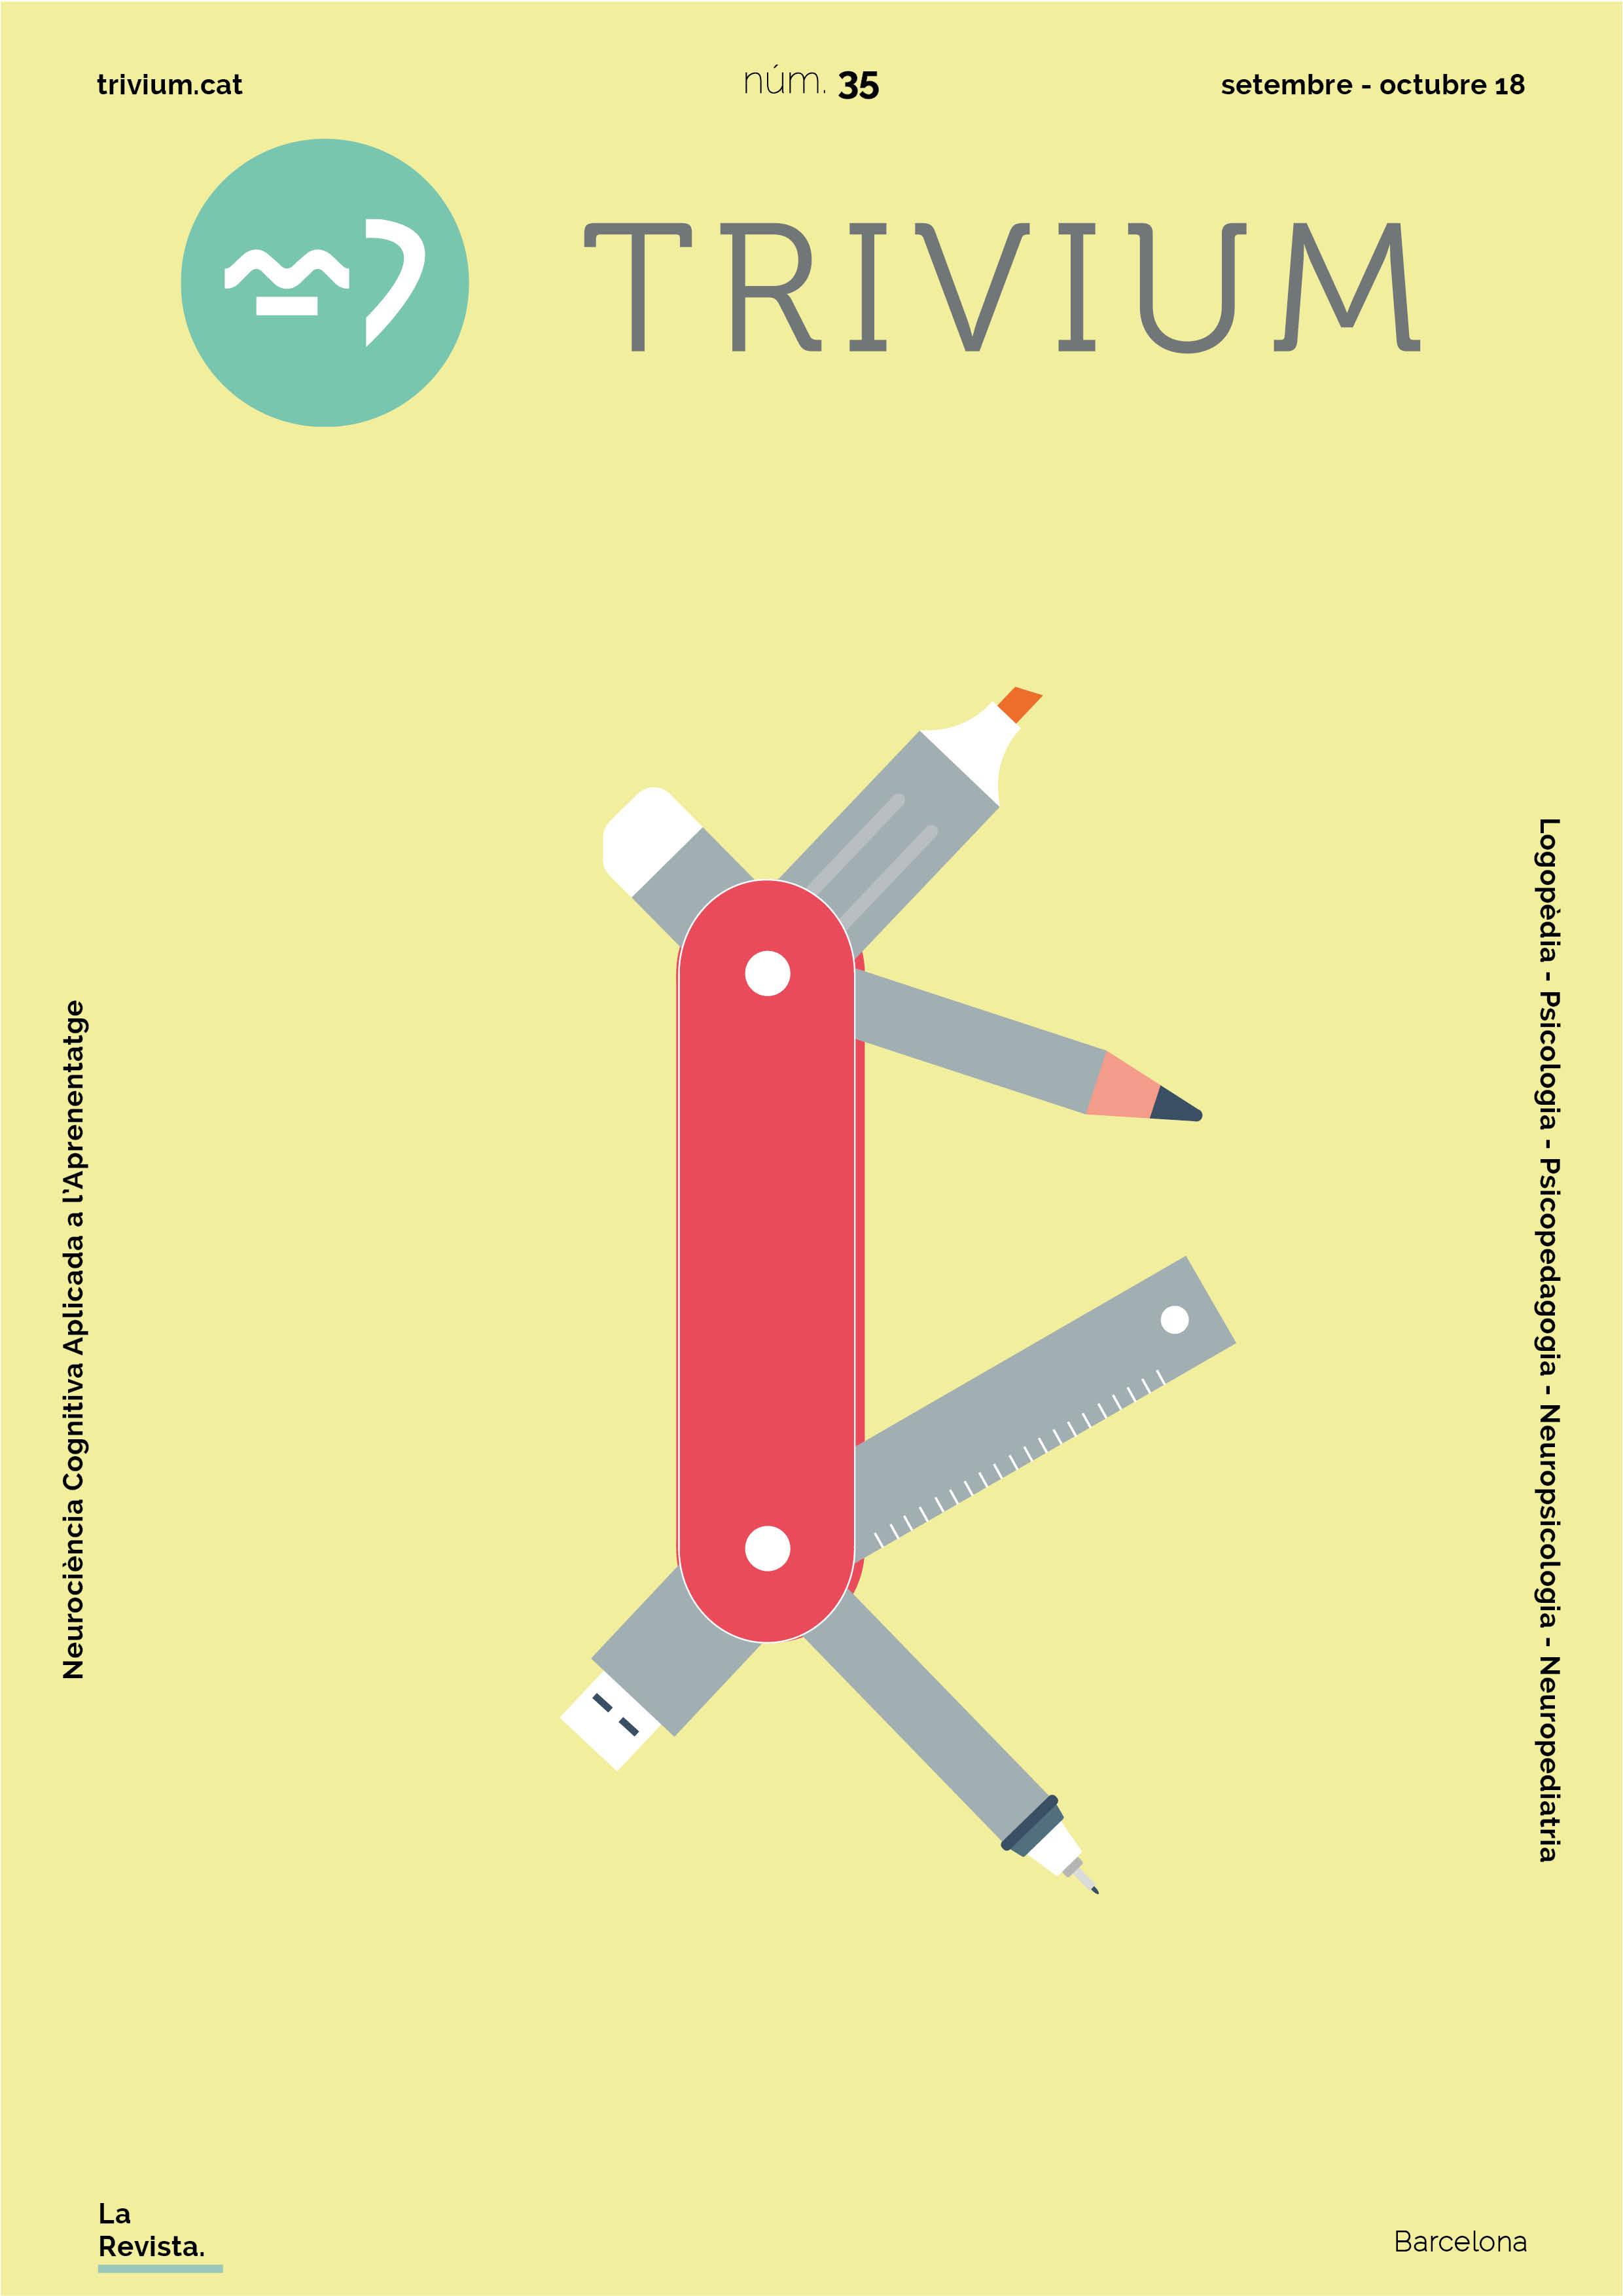 Portada Revista Institut Trivium setembre català 2018